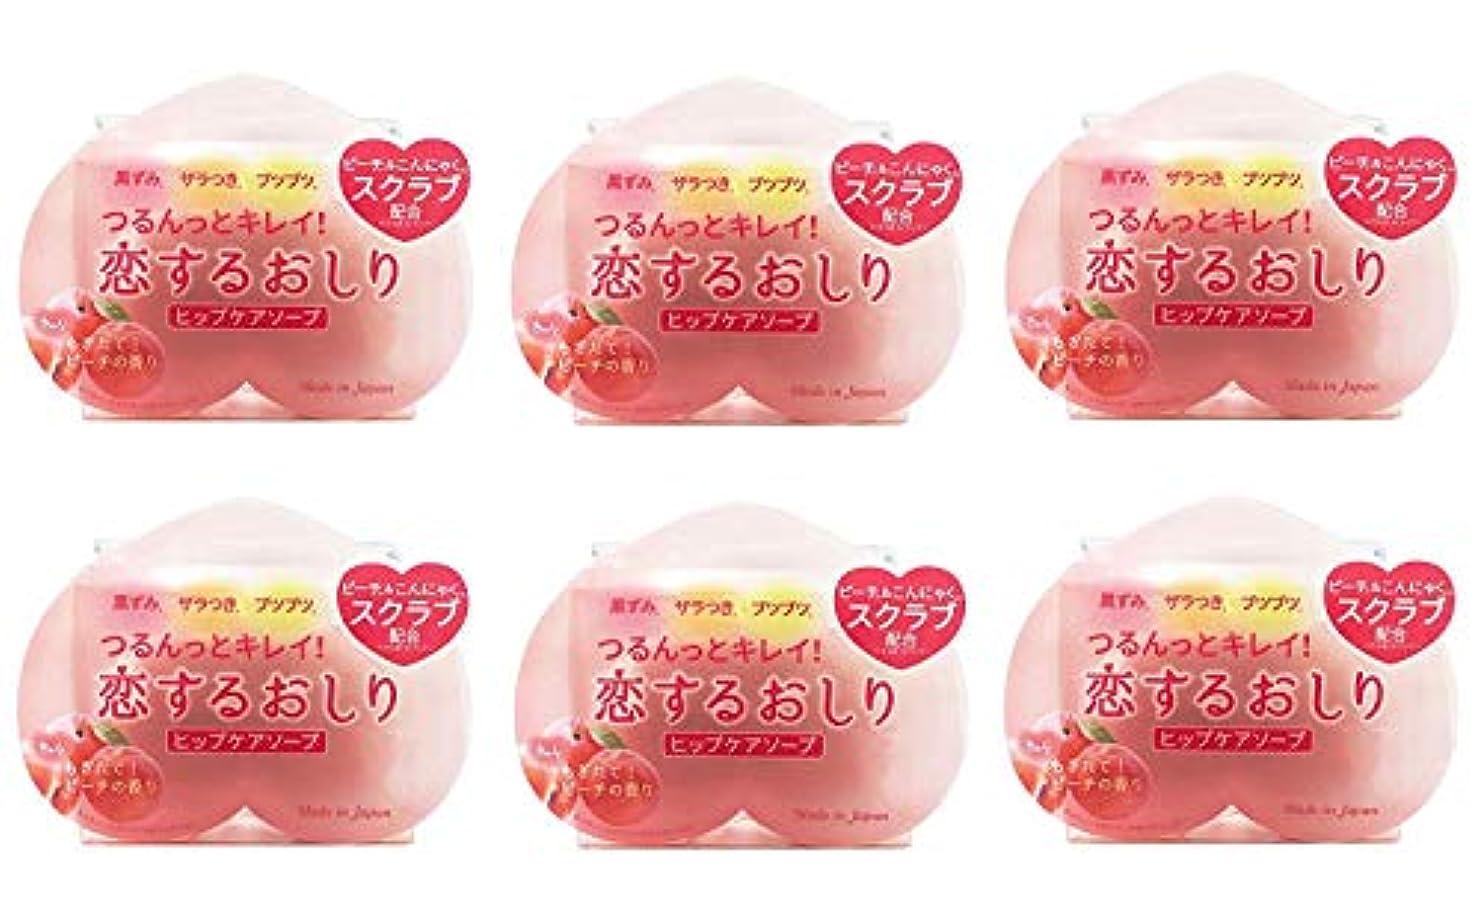 奇跡的な哀れな仮称ペリカン石鹸 恋するおしり ヒップケアソープ 石鹸 80g×6個